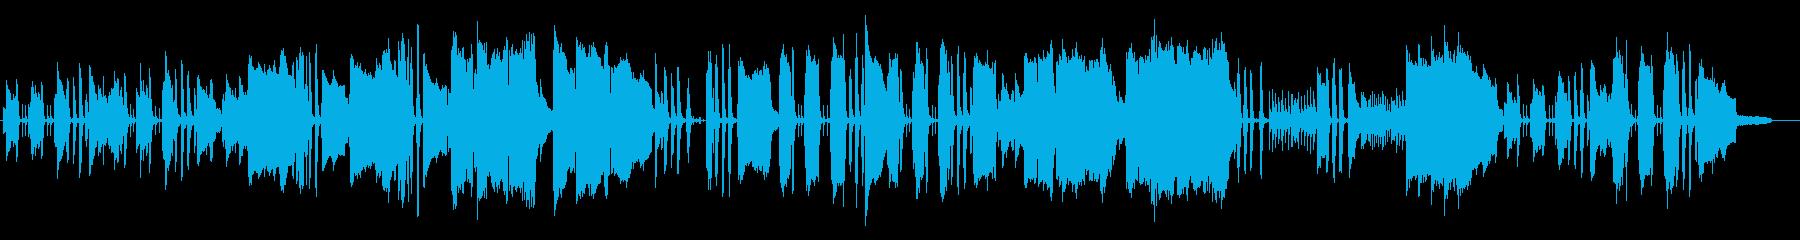 クラリネットとオーボエ、木琴の優しい音楽の再生済みの波形